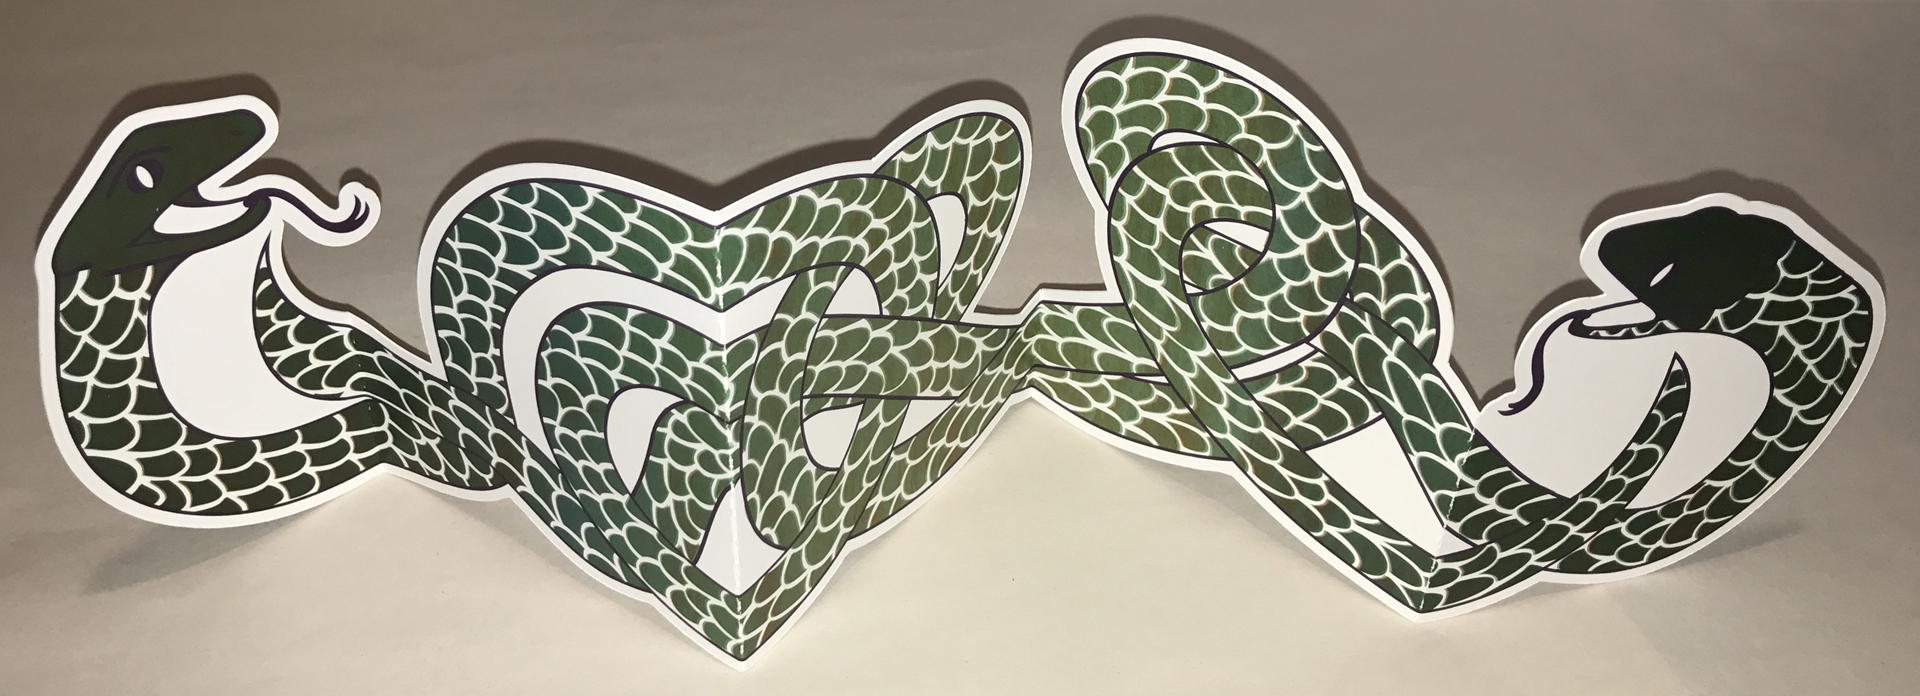 snakessss5